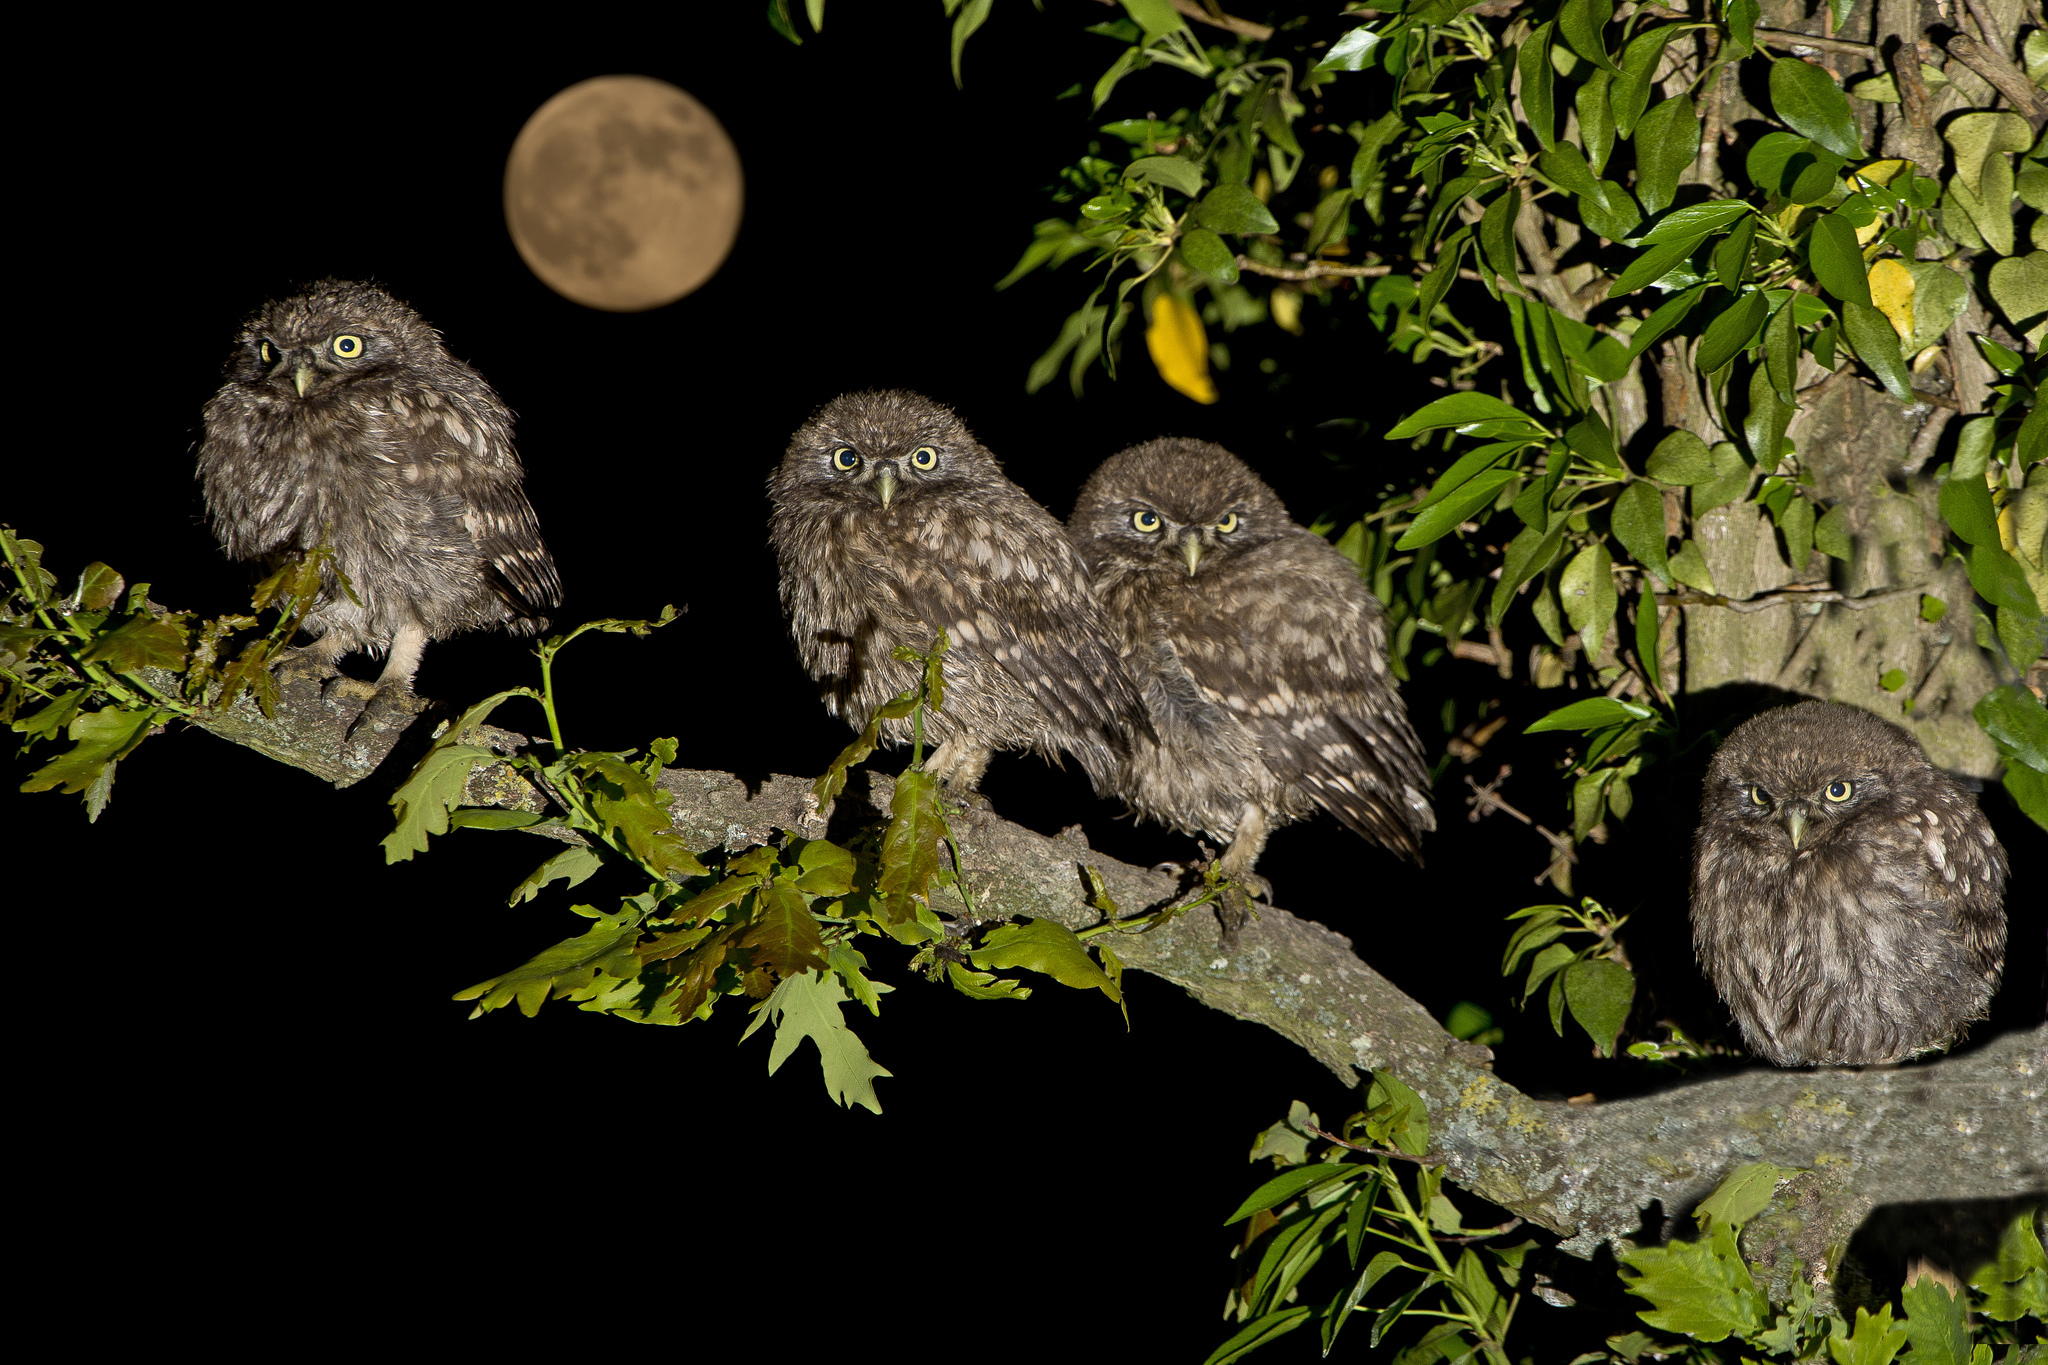 самый картинки птицы ночью каждой съемкой грамотно